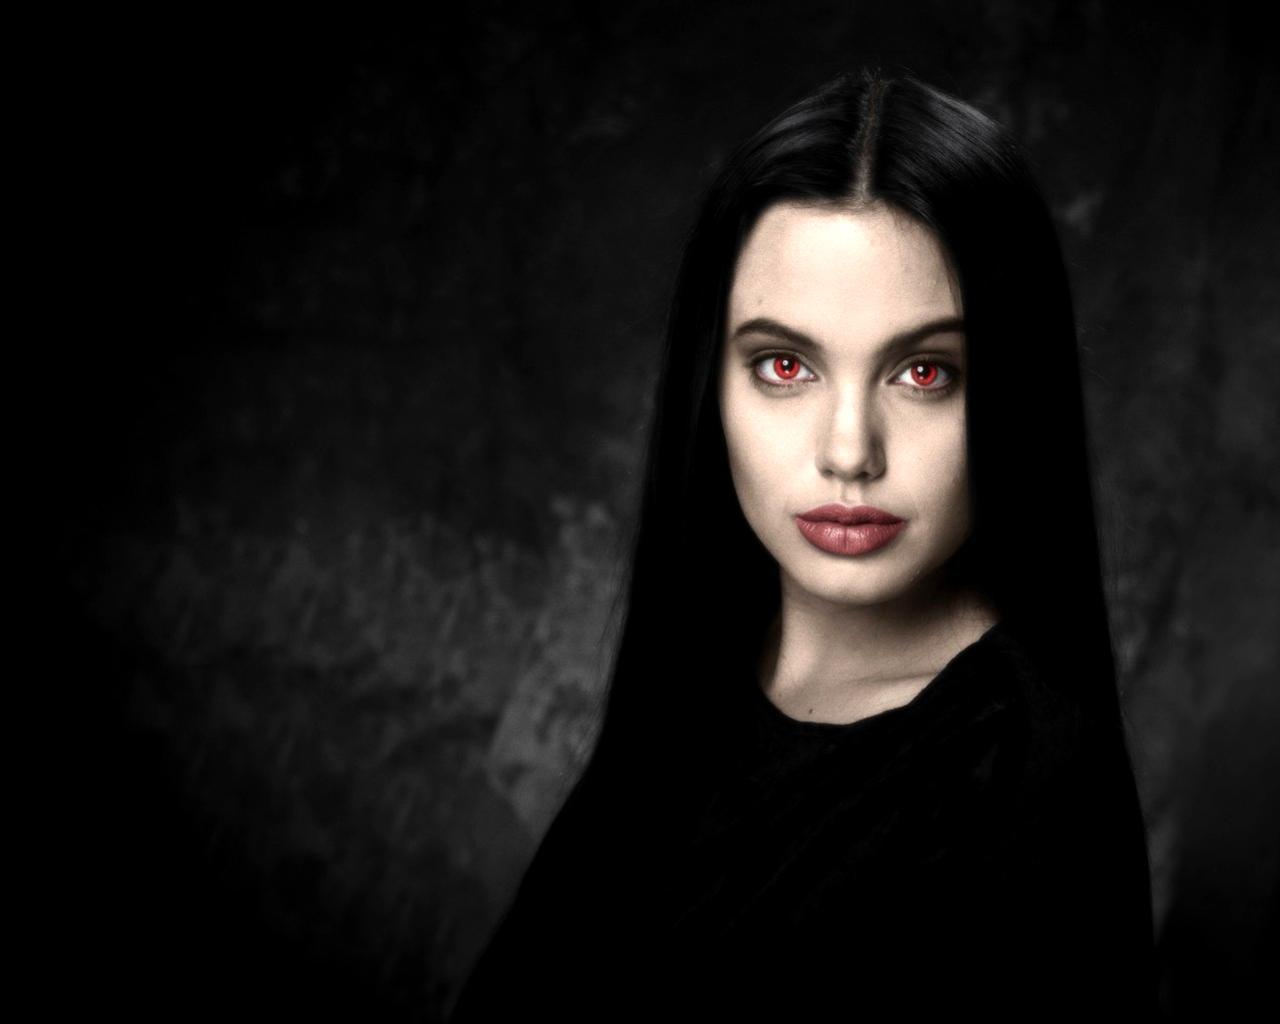 girl on dark wallpaper - photo #5